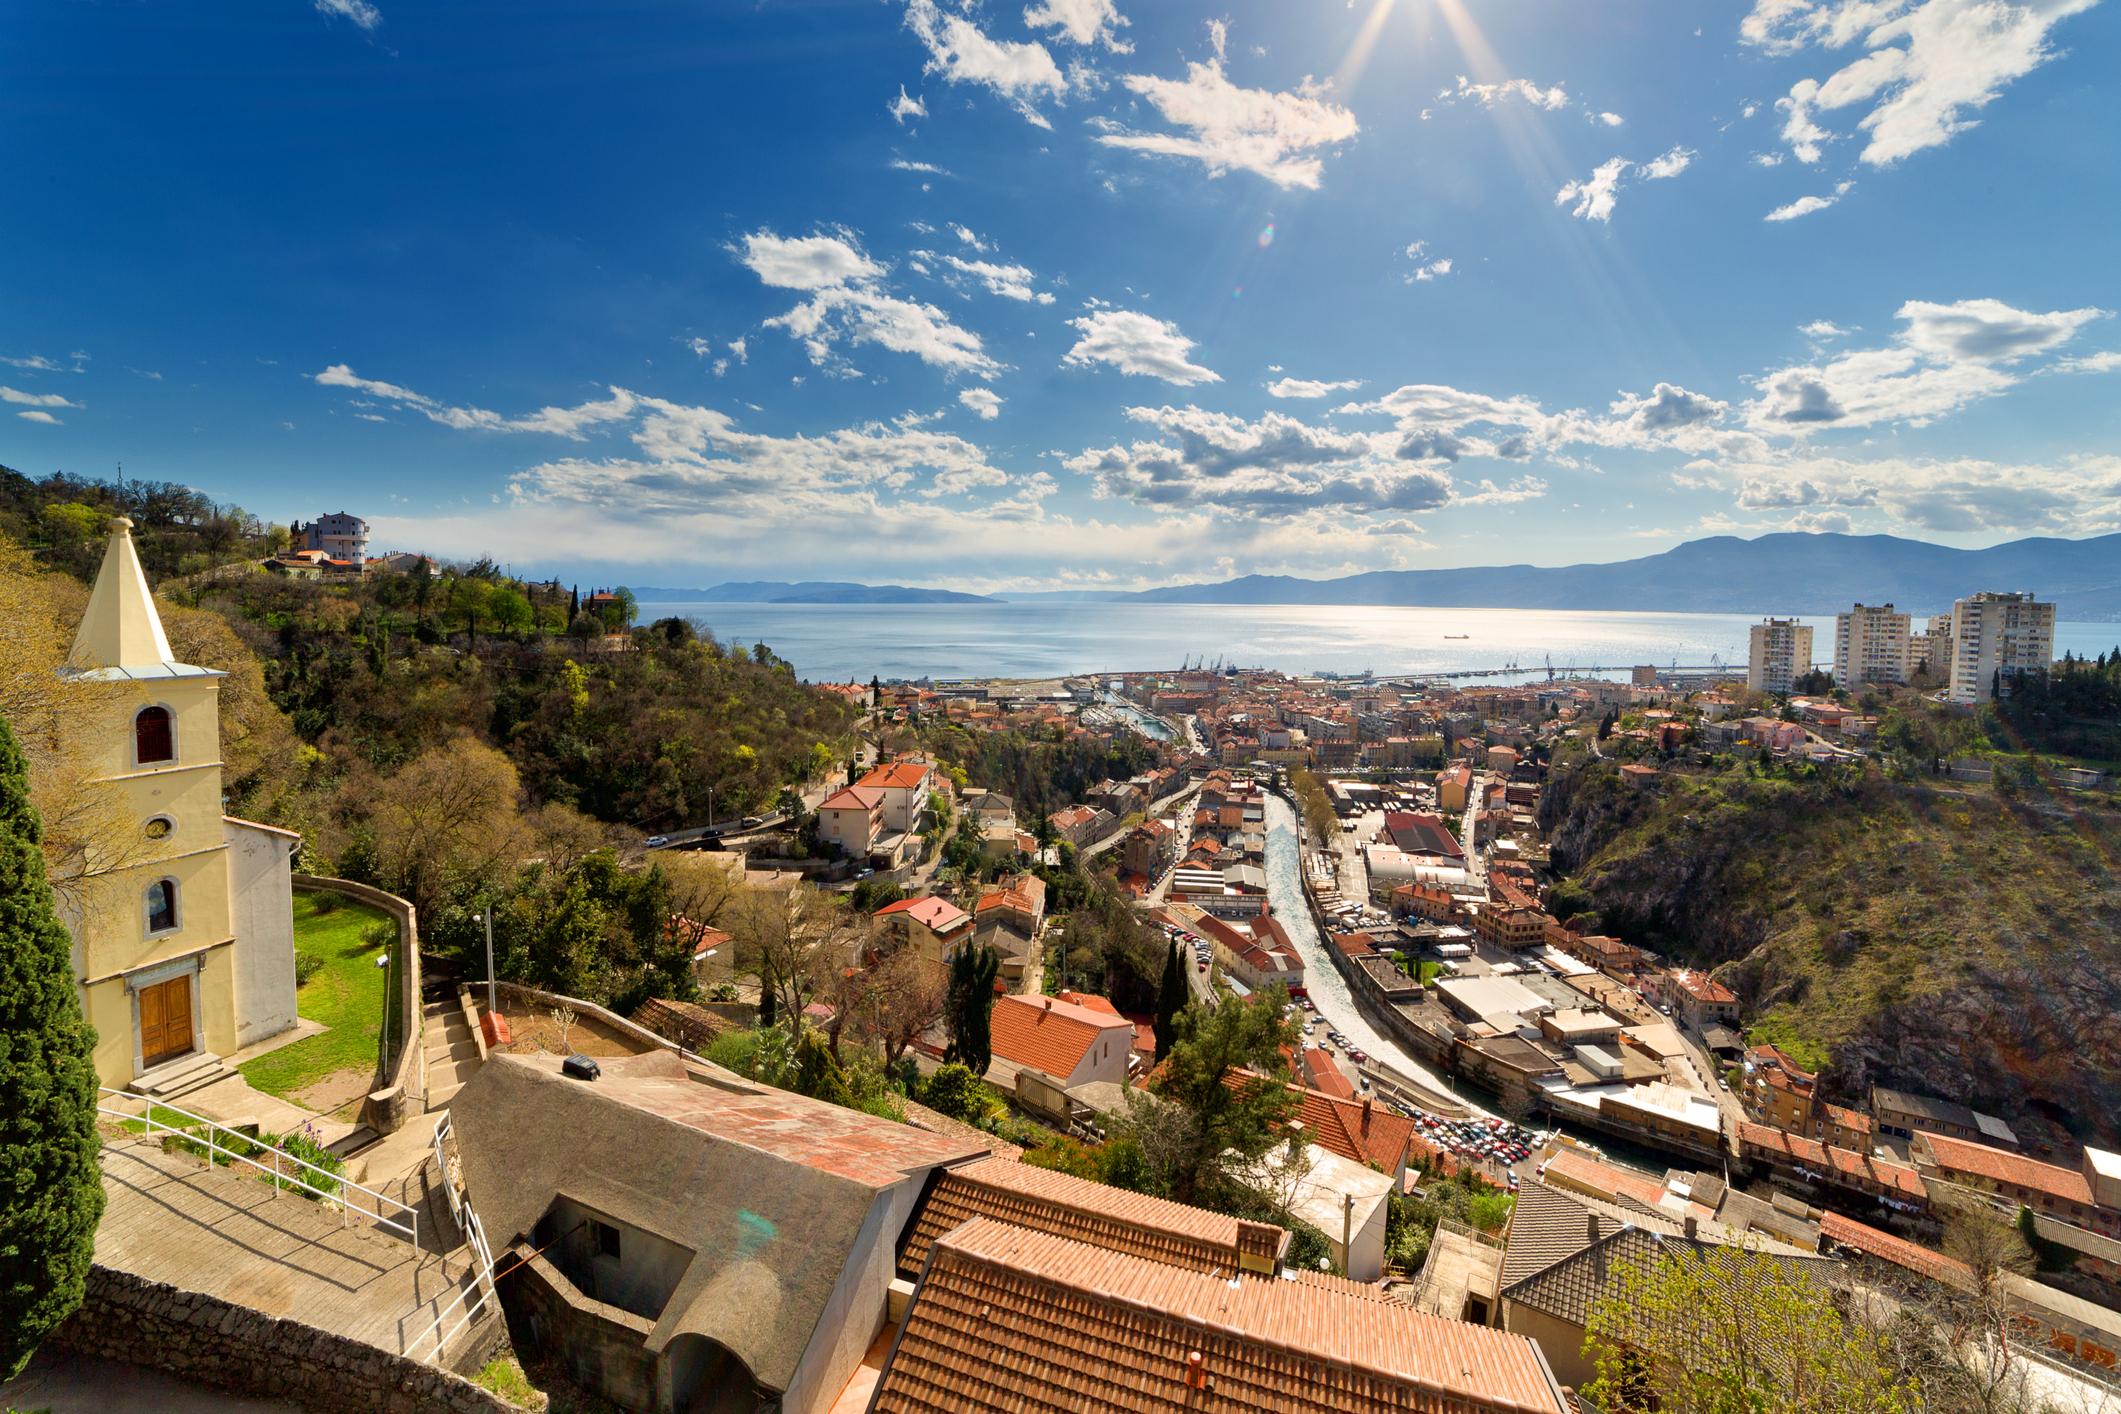 Irány a horvát tengerpart: Rijeka